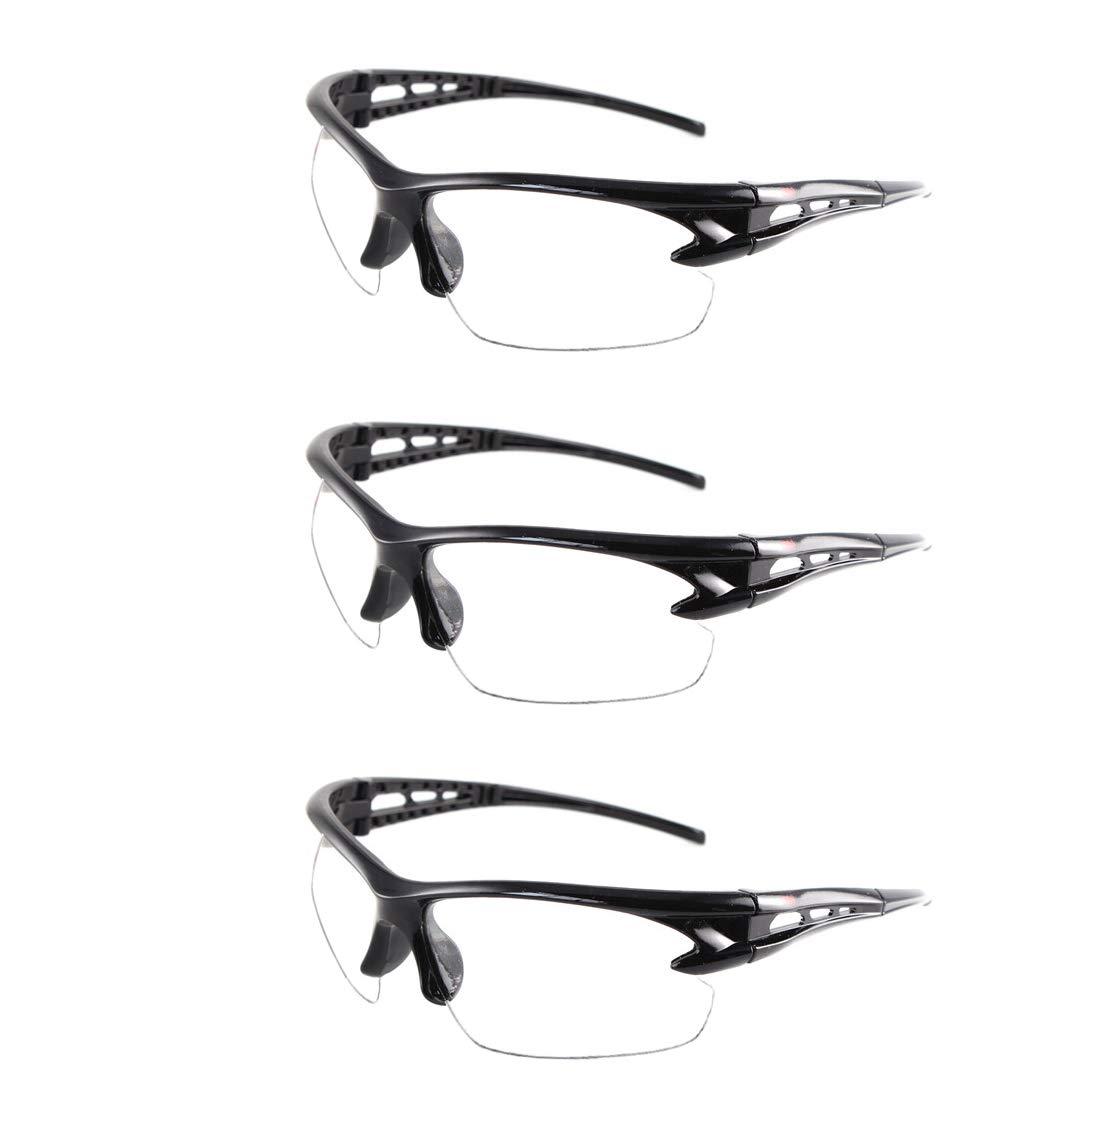 YAAVAAW 3 Pack Gafas de Seguridad Transparentes Gafas Proteccion -Gafas Protectoras Ojos con Lentes Plástico,Grandes Gafas para niños Nerf Gun Battles y Lentes de Seguridad de Trabajo de Laboratorio